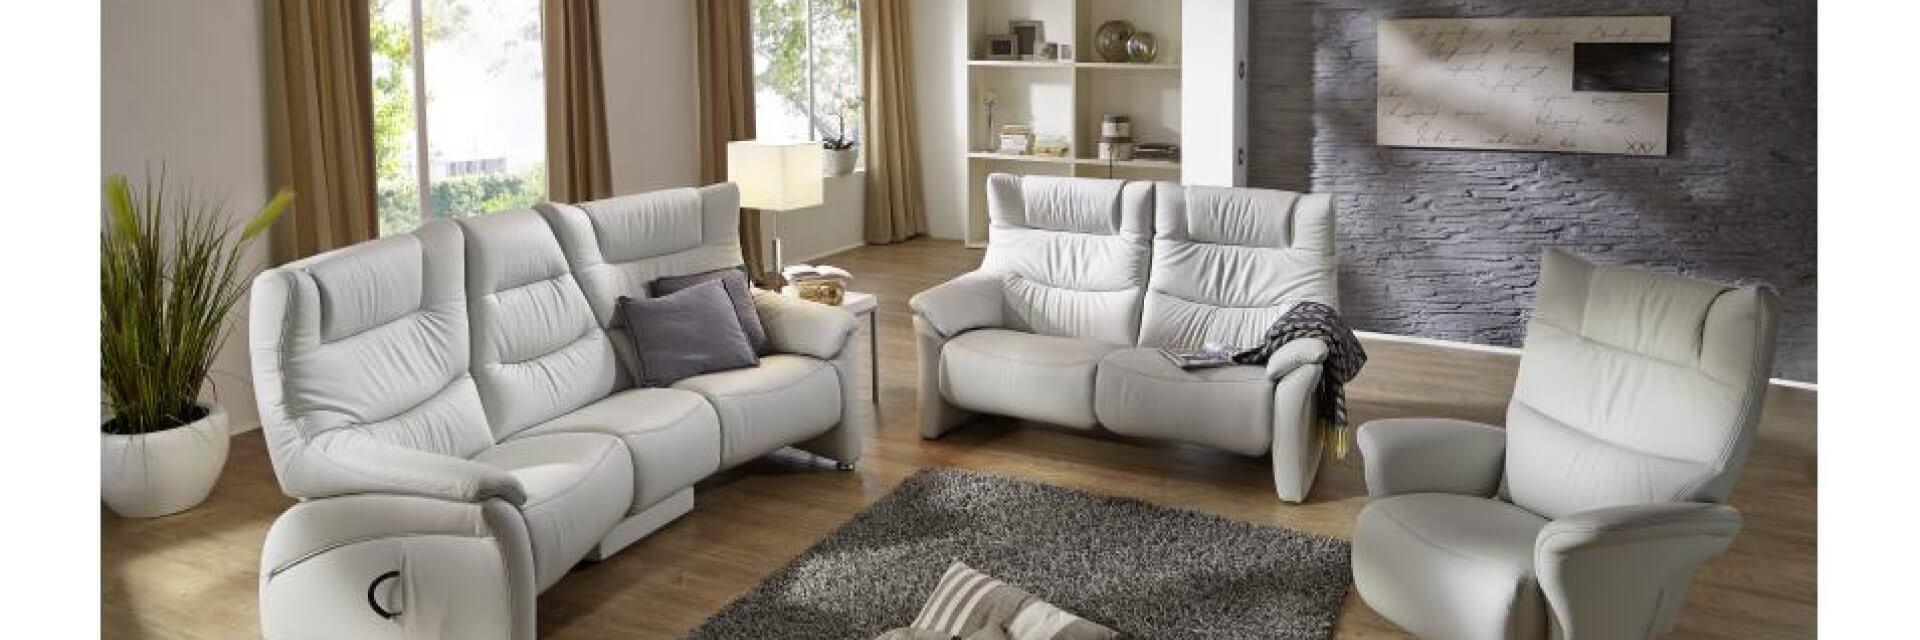 der TV-Sessel - so lässt es sich entspannen